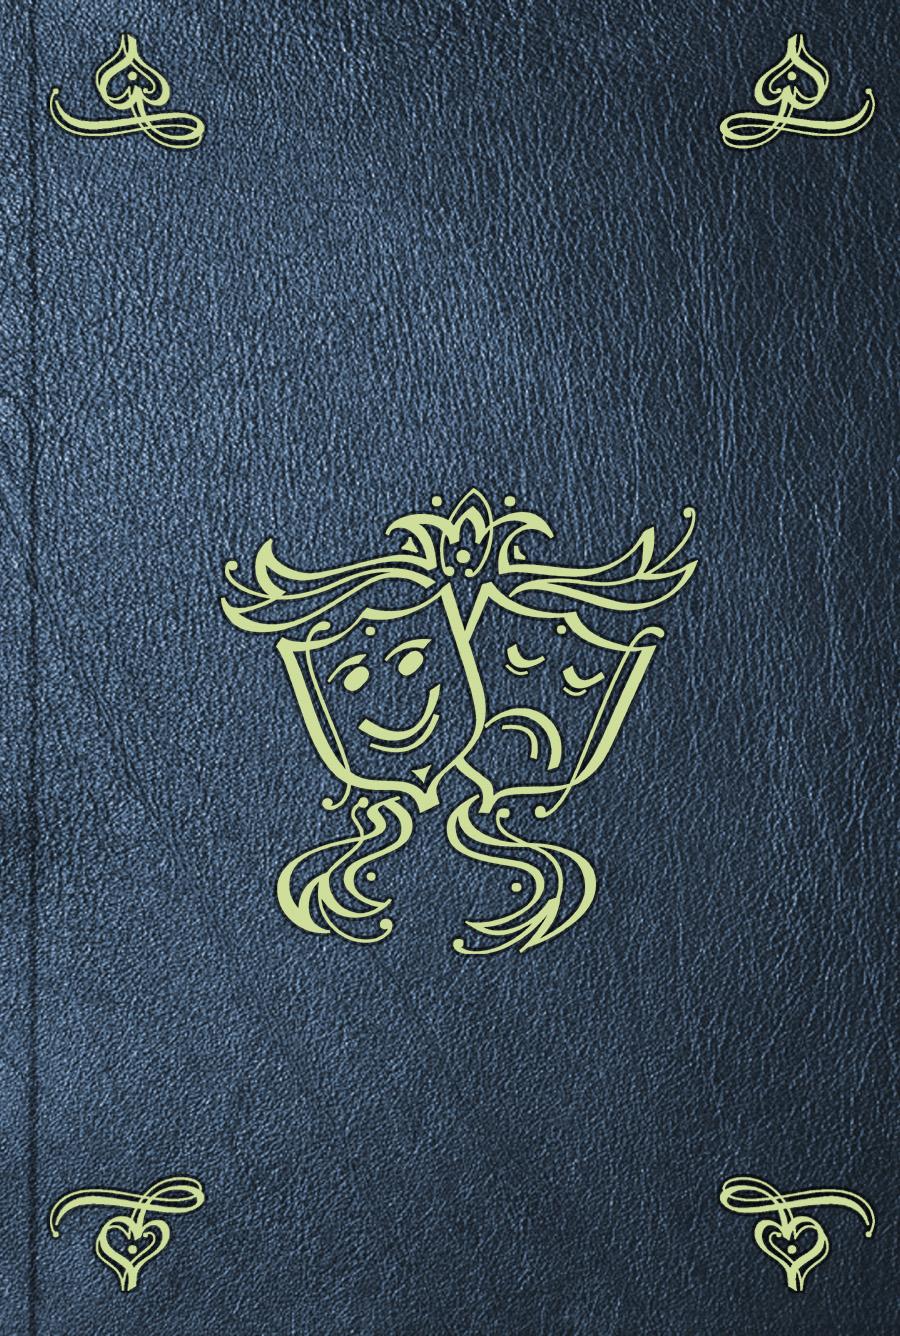 Жан-Батист Мольер Le Tartuffe, ou L'imposteur alexandre chaponnier quatre heures ou le jour du supplice melodrame en trois actes classic reprint